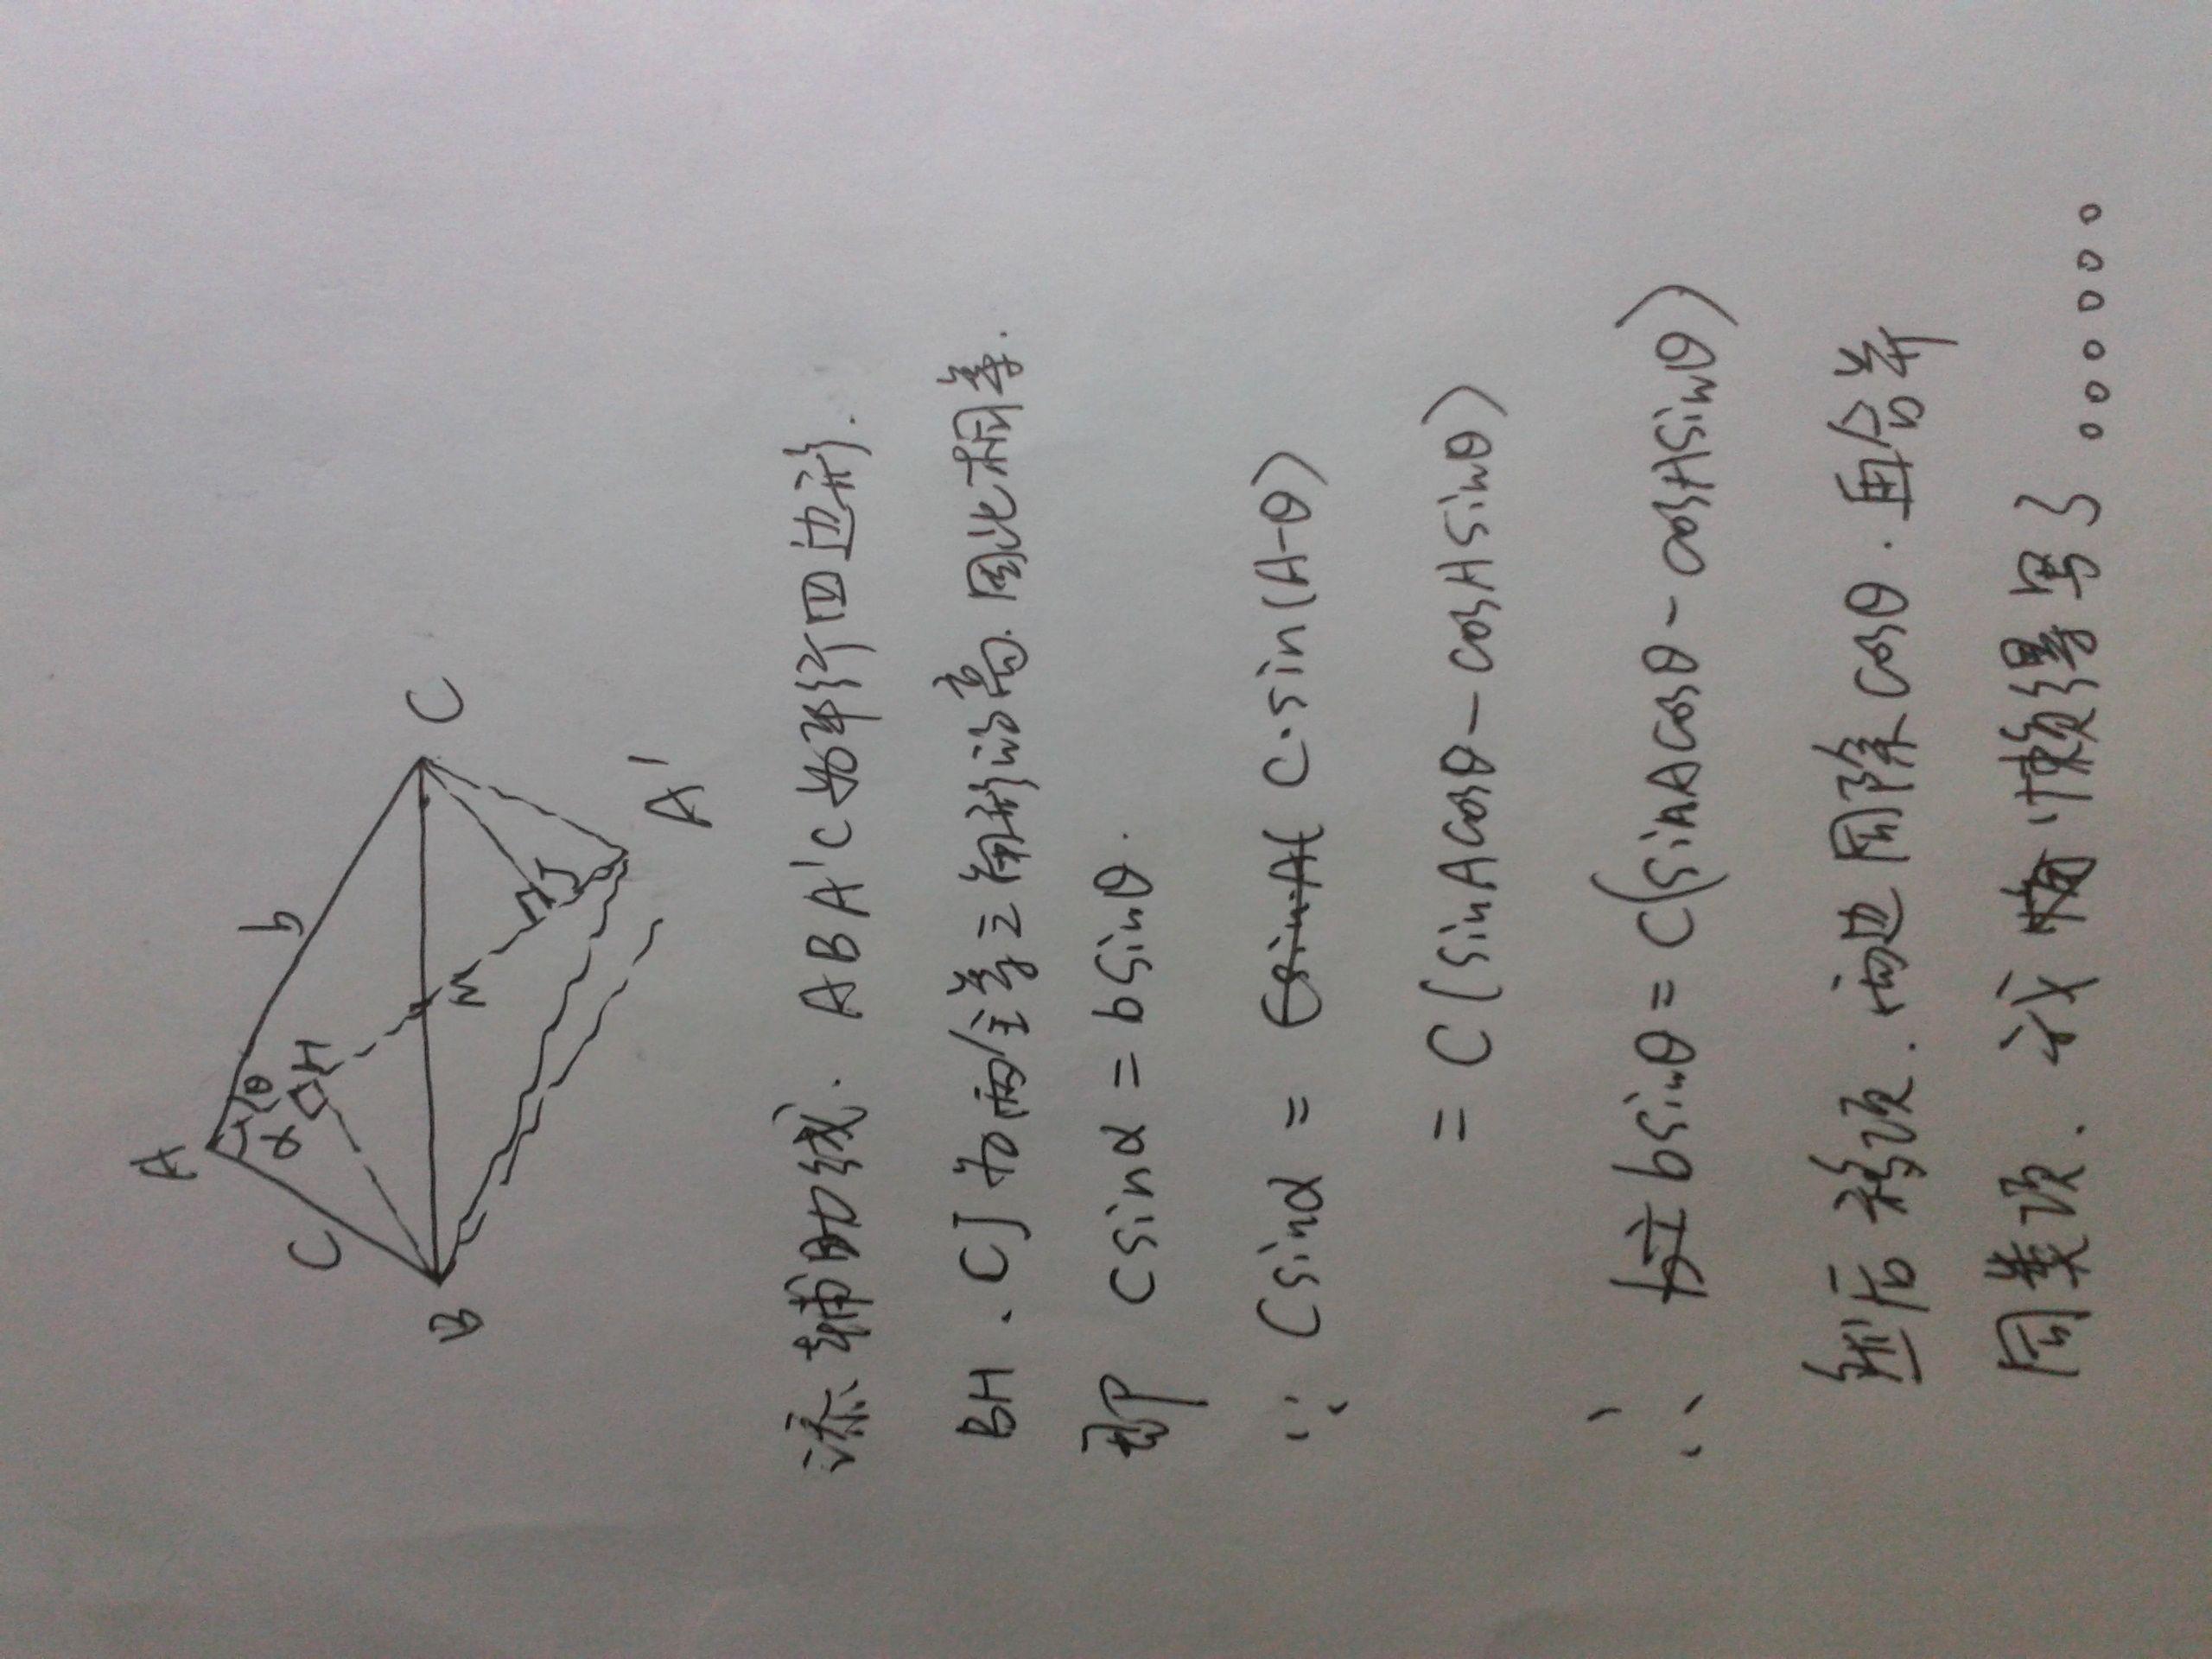 一看还有个中点这个条件没用呢,三角形一条边有中点不久自然会联想到图片